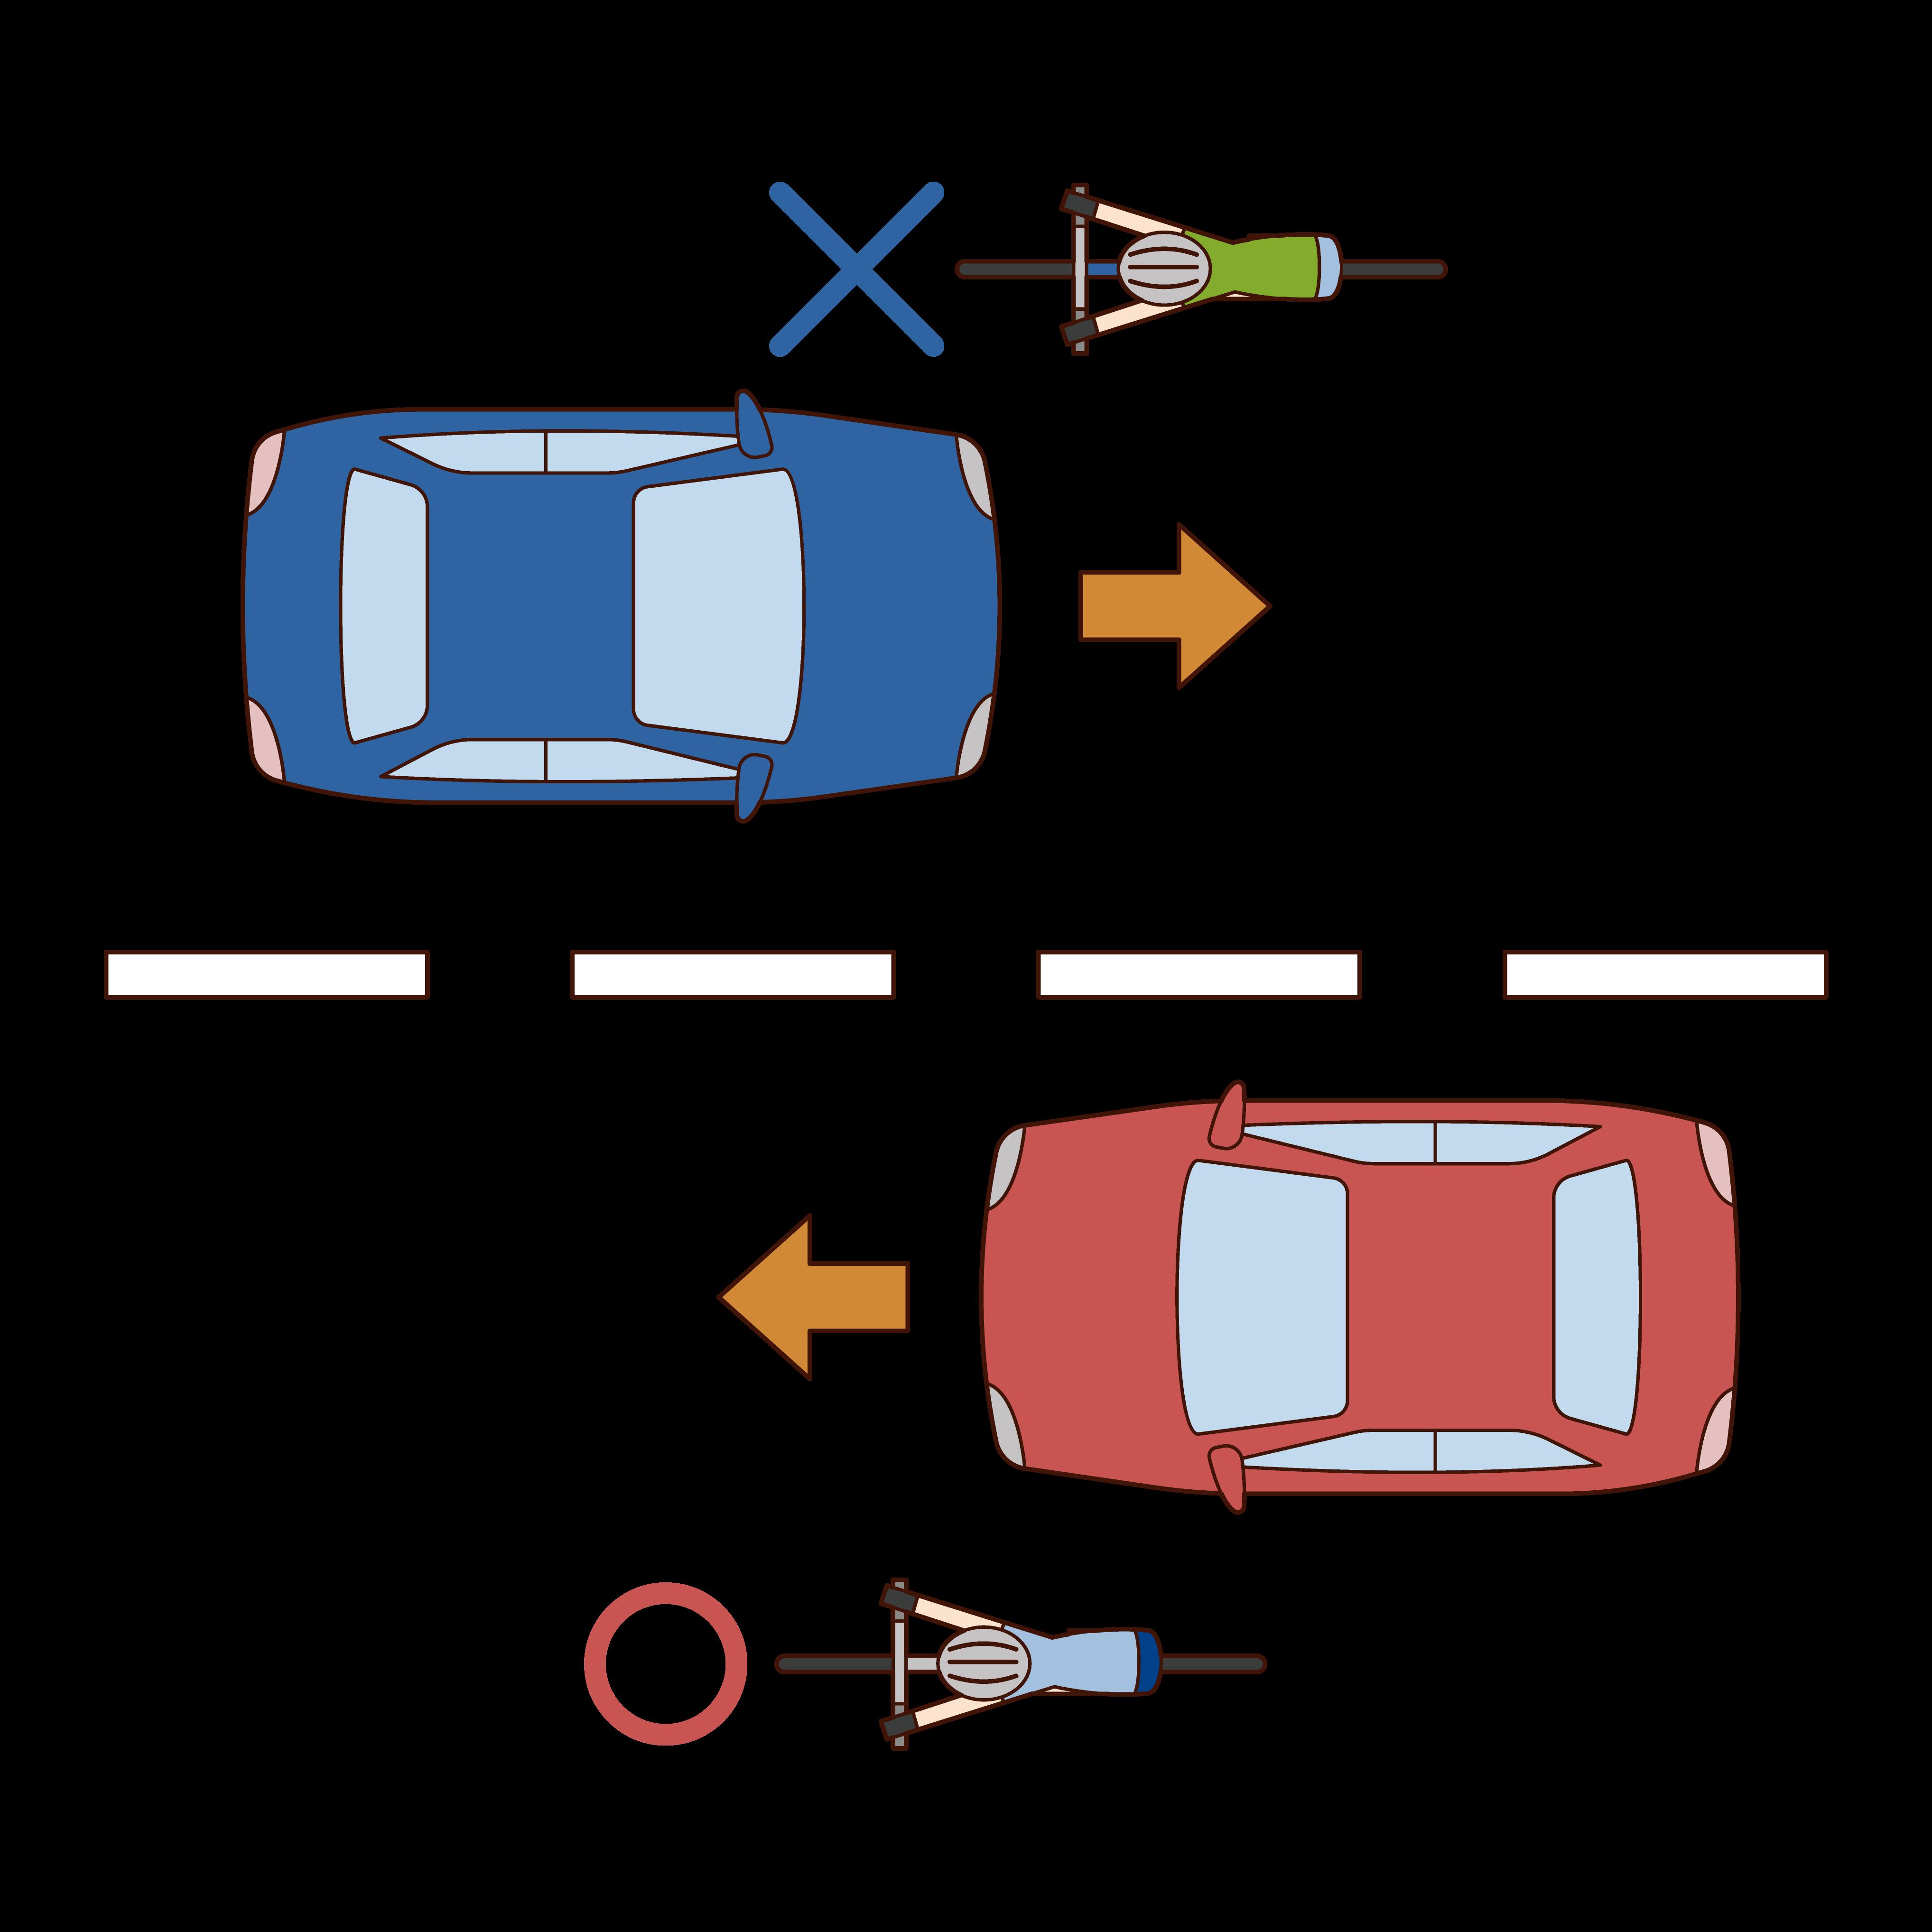 自転車は左車線を走るルールのイラスト